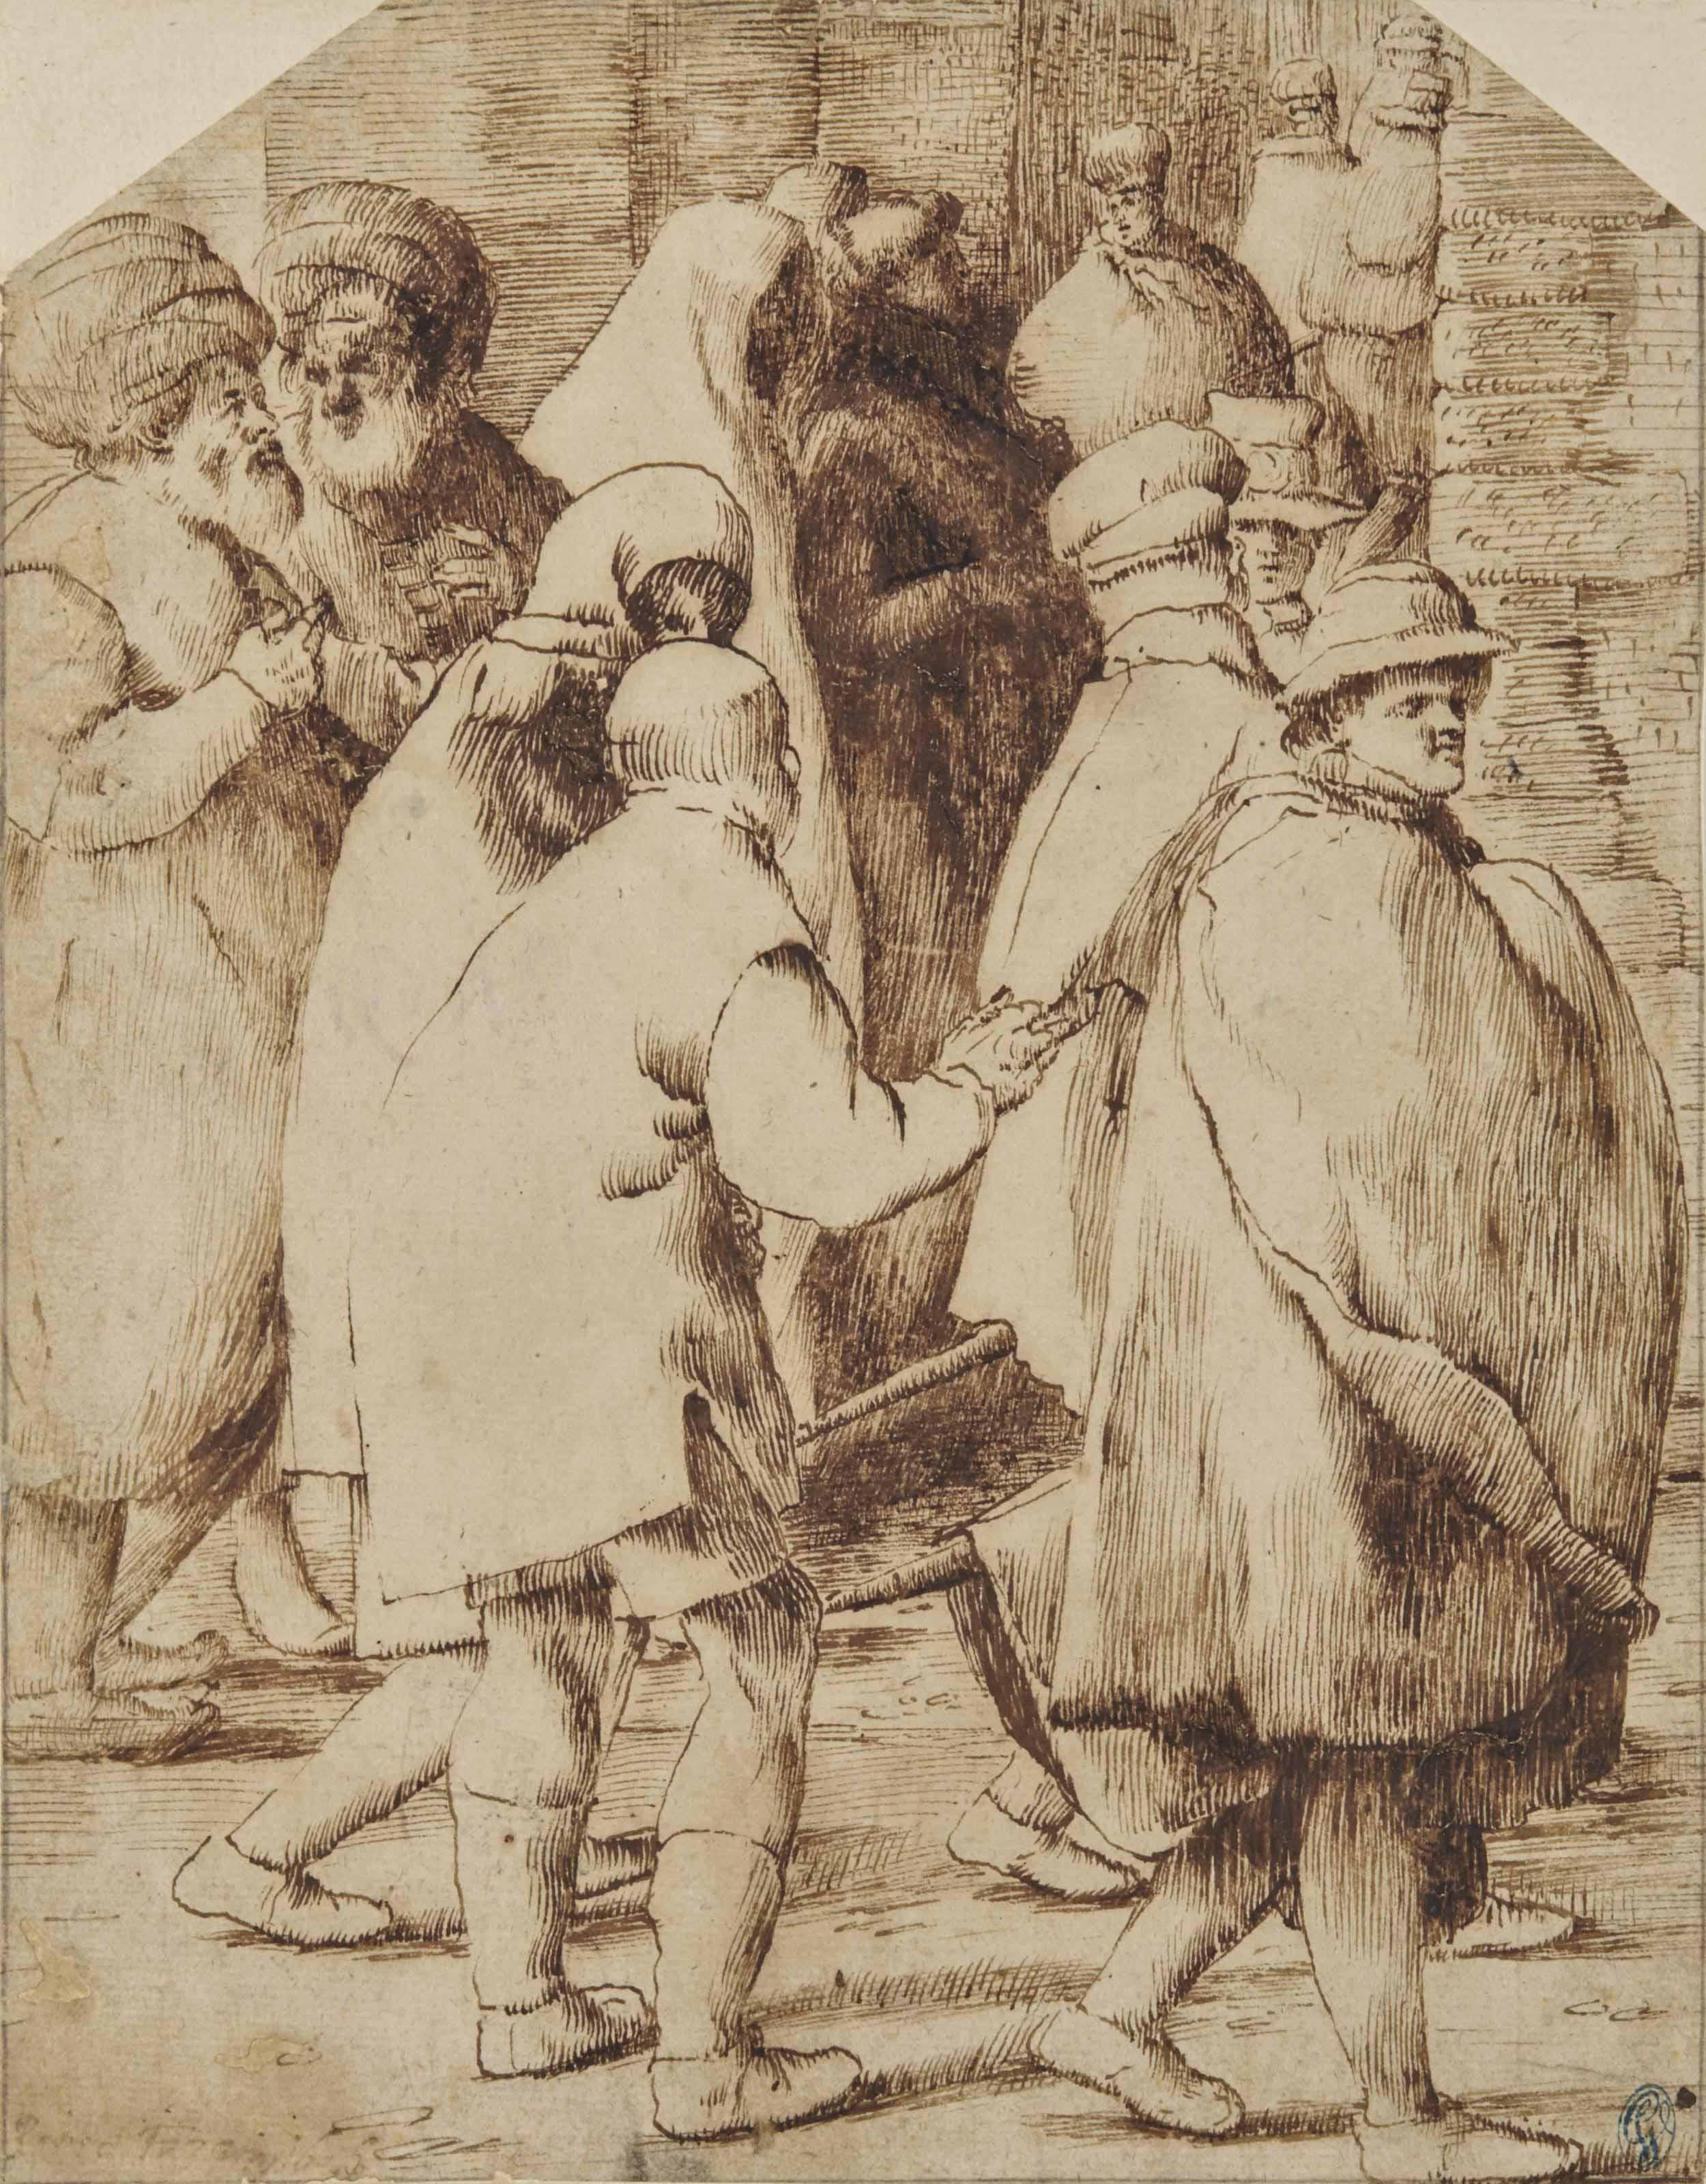 Personnages portant des capes et marchant dans une rue